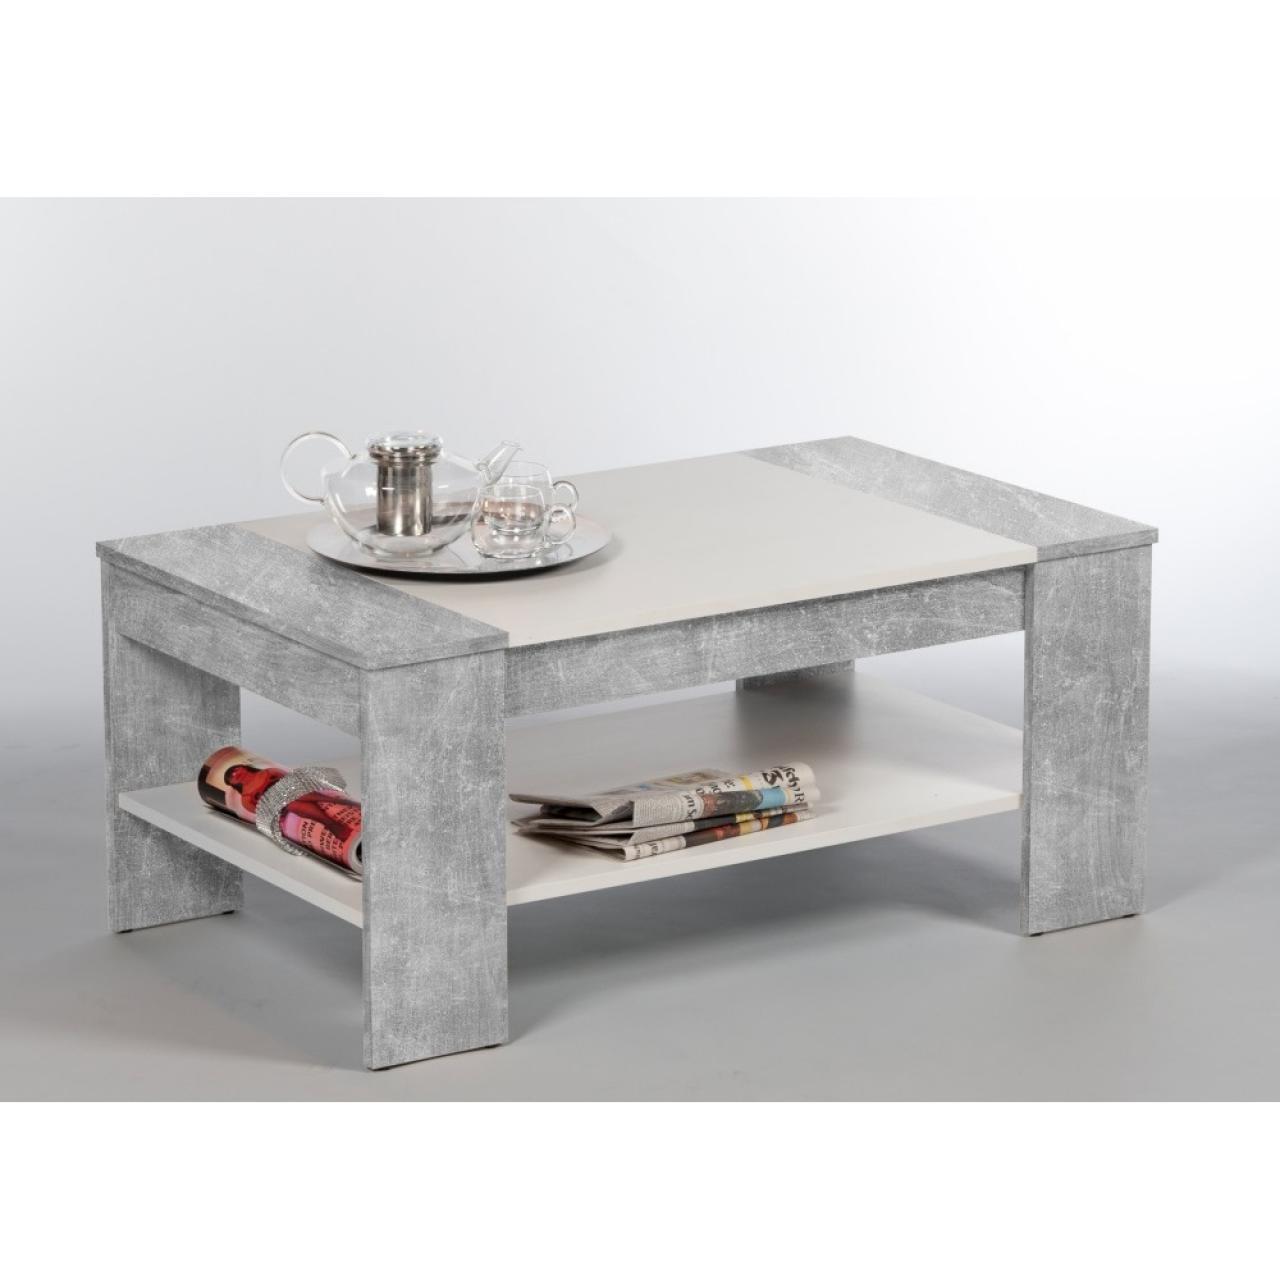 Couchtisch - Finley Plus - Beton / Weiß